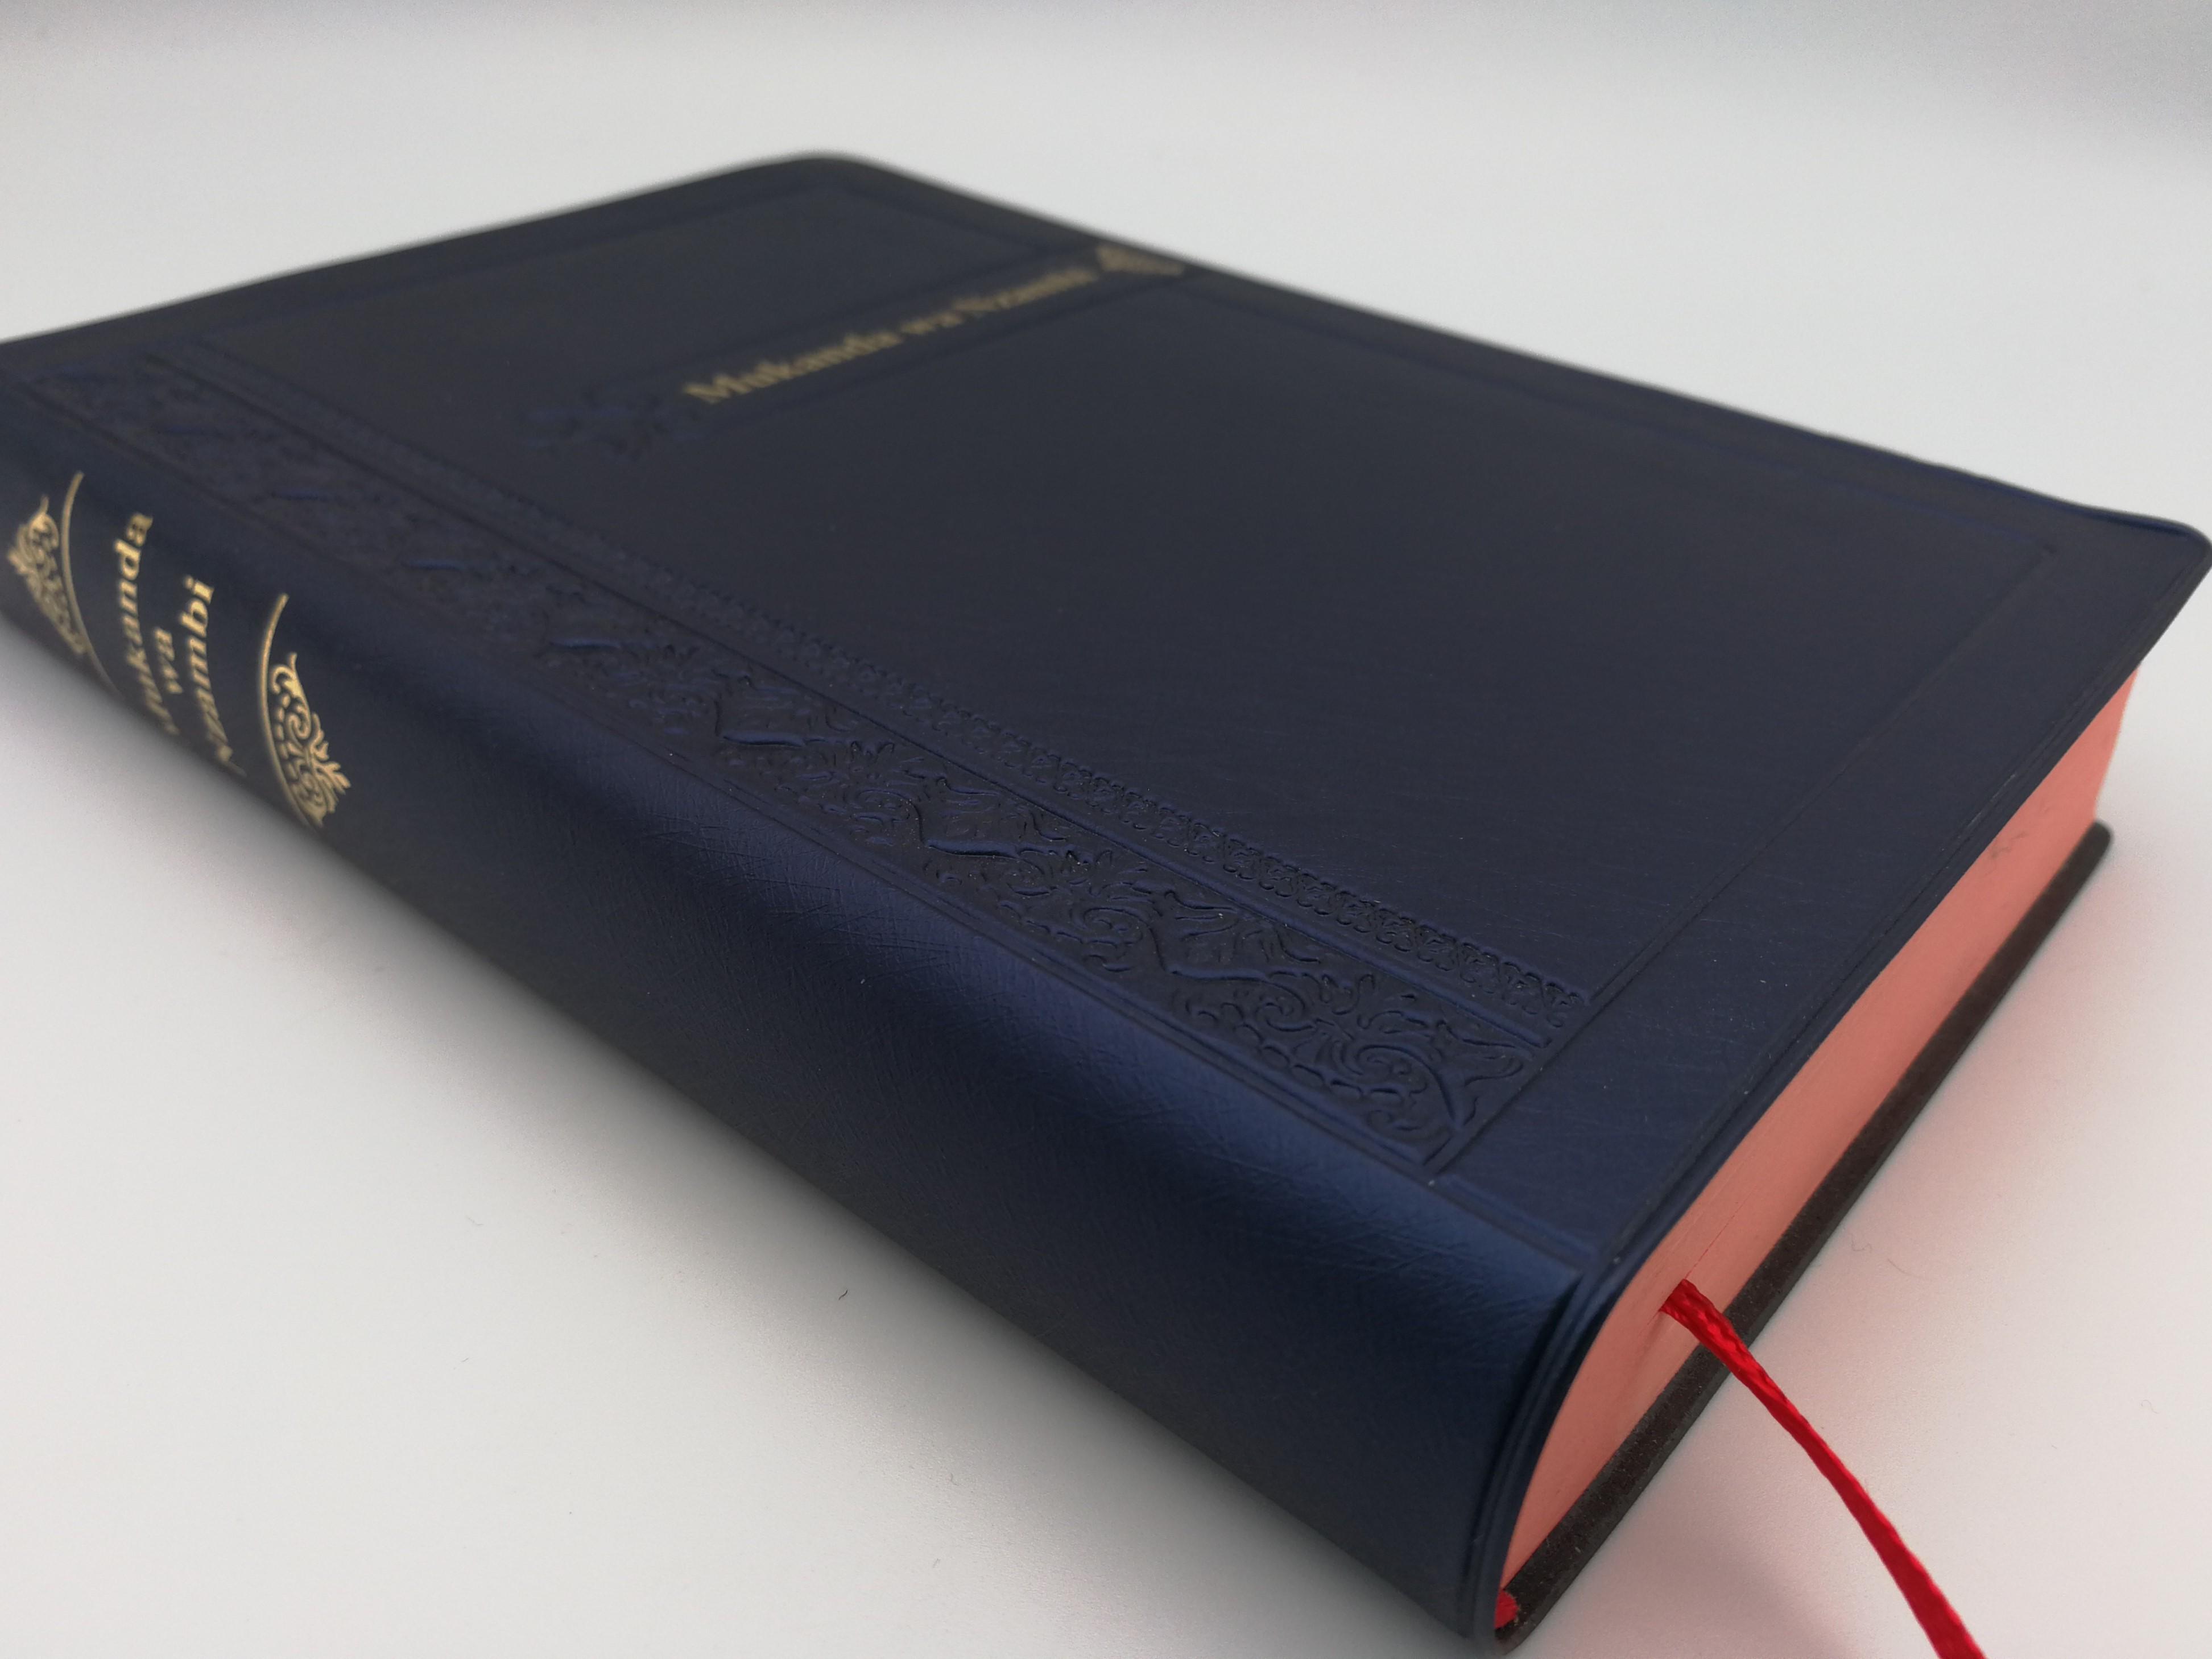 mukanda-wa-nzambi-tshiluba-language-holy-bible-2.jpg